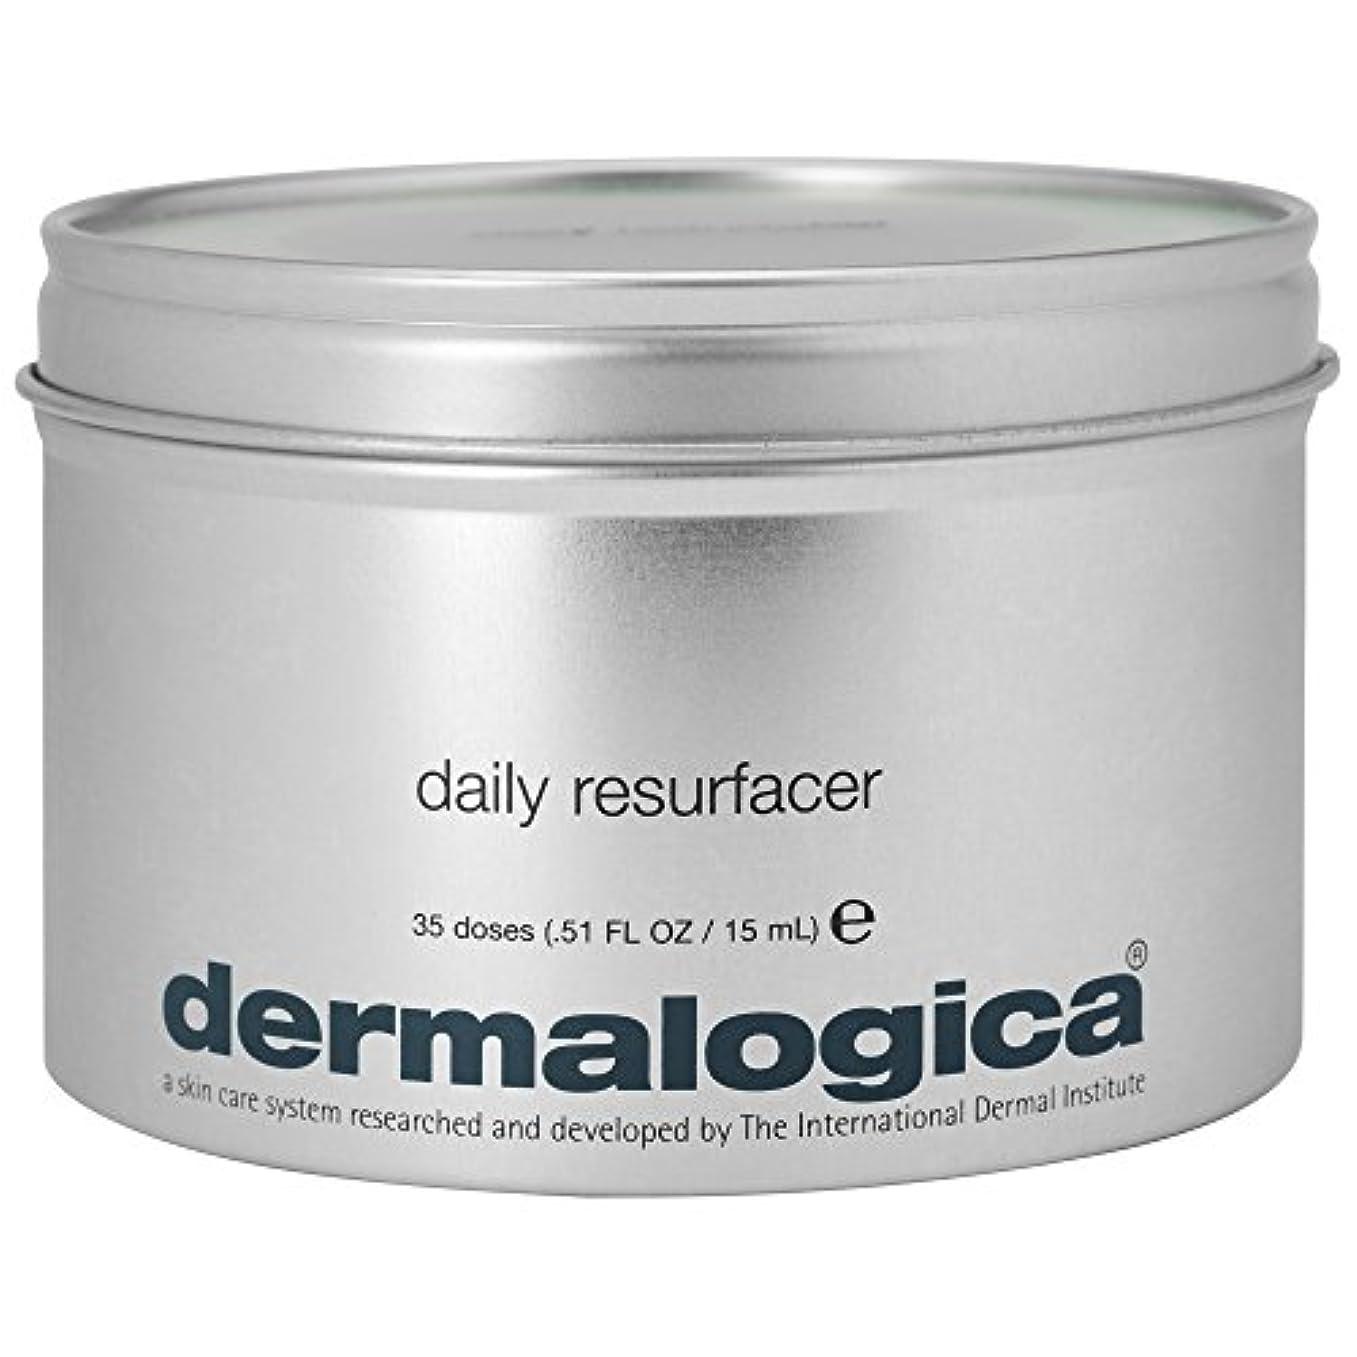 大惨事盆なめらか35のダーマロジカ毎日Resurfacerパック (Dermalogica) - Dermalogica Daily Resurfacer Pack of 35 [並行輸入品]